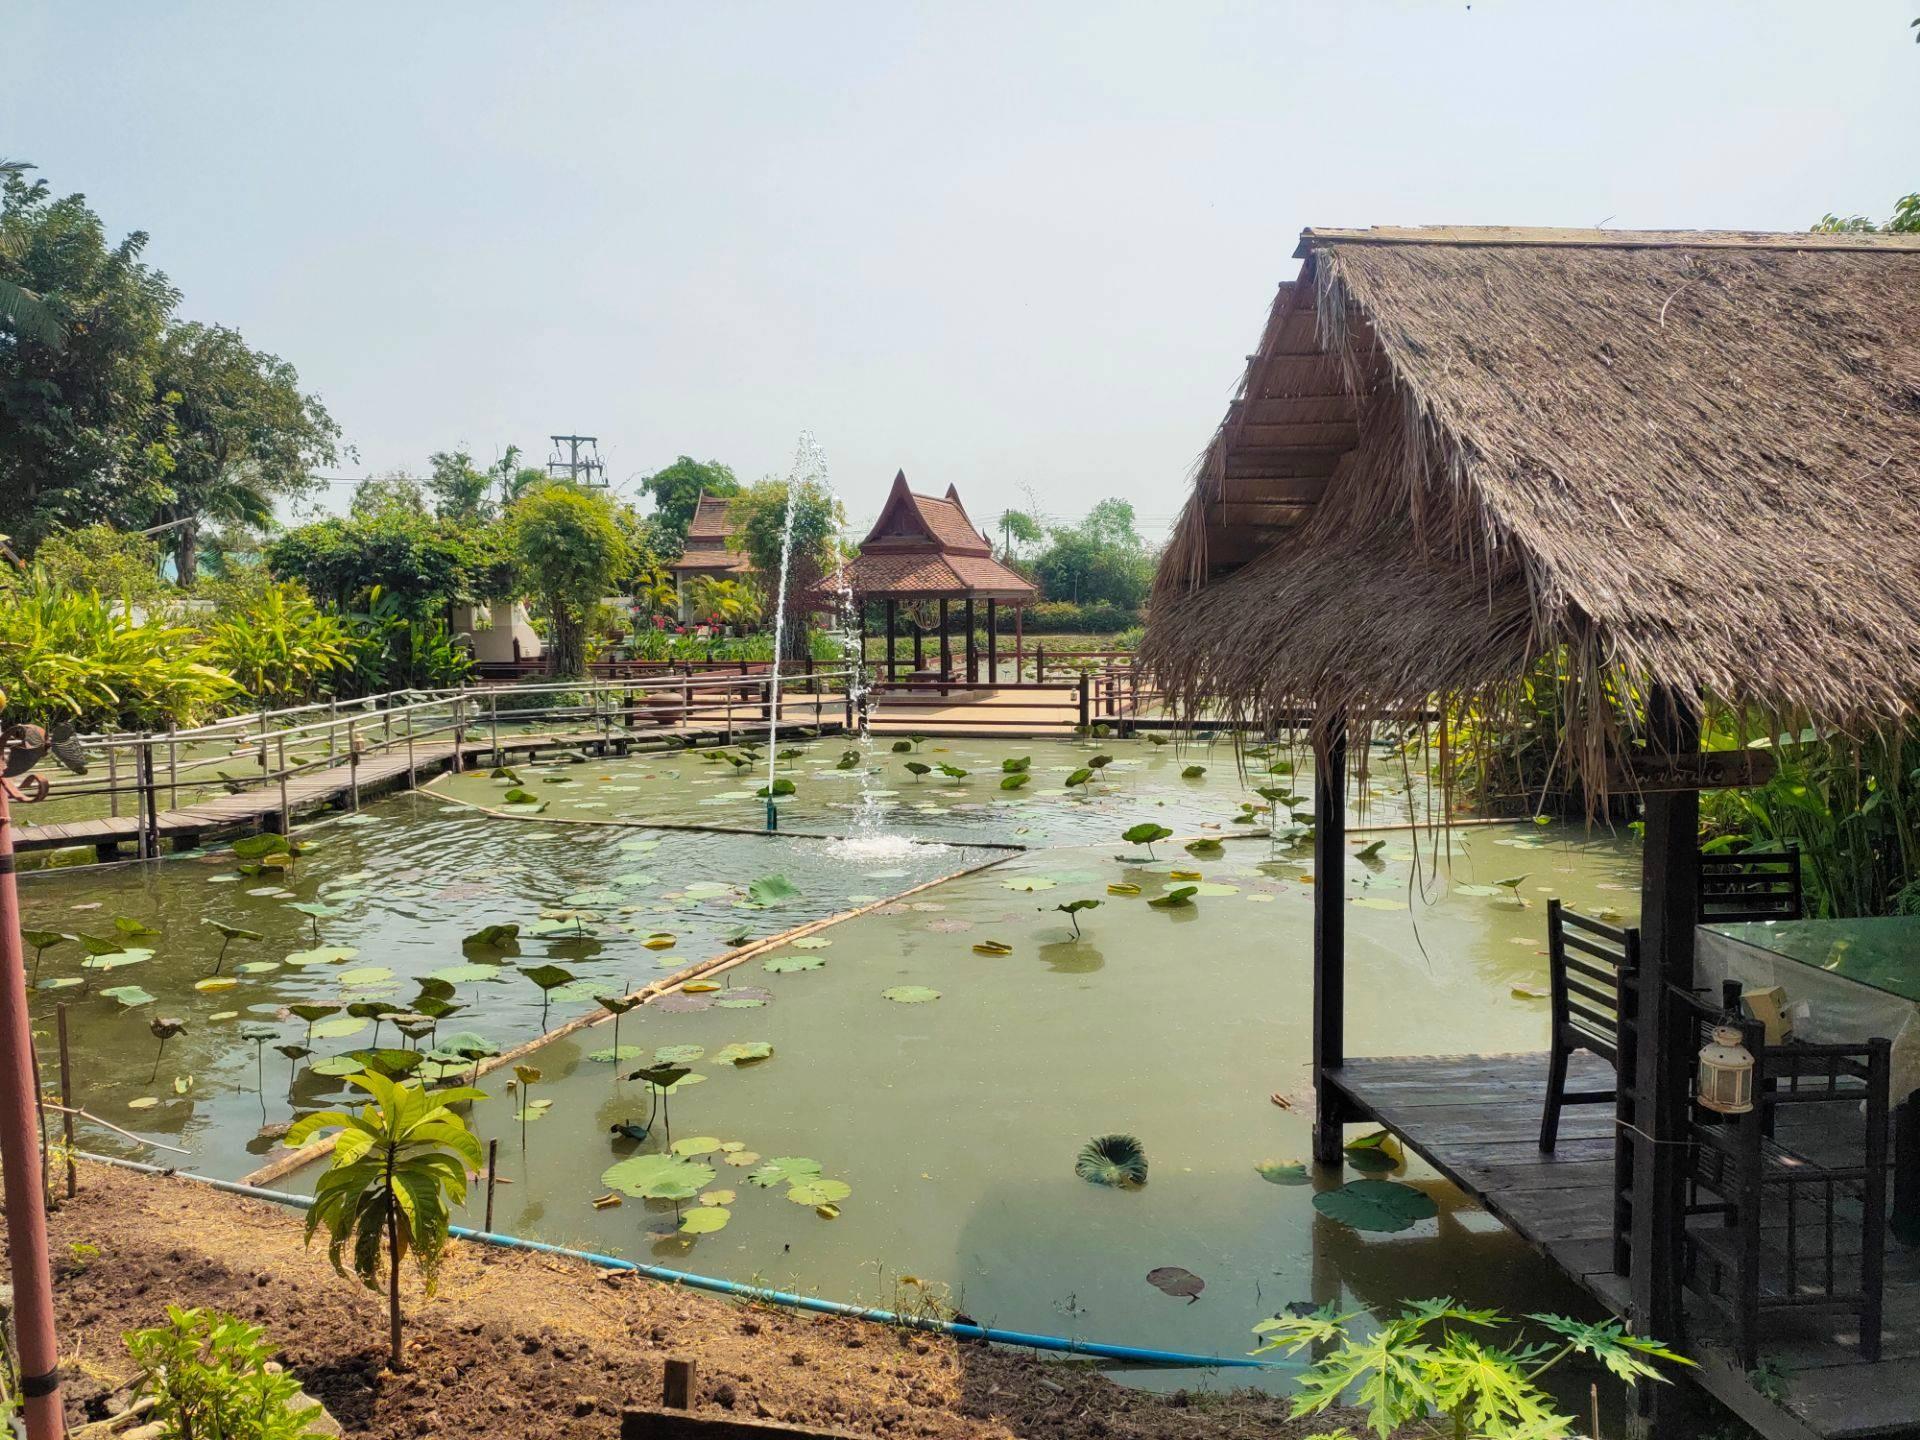 บ้านสวนริมน้ำ Ayutthaya Garden River Home